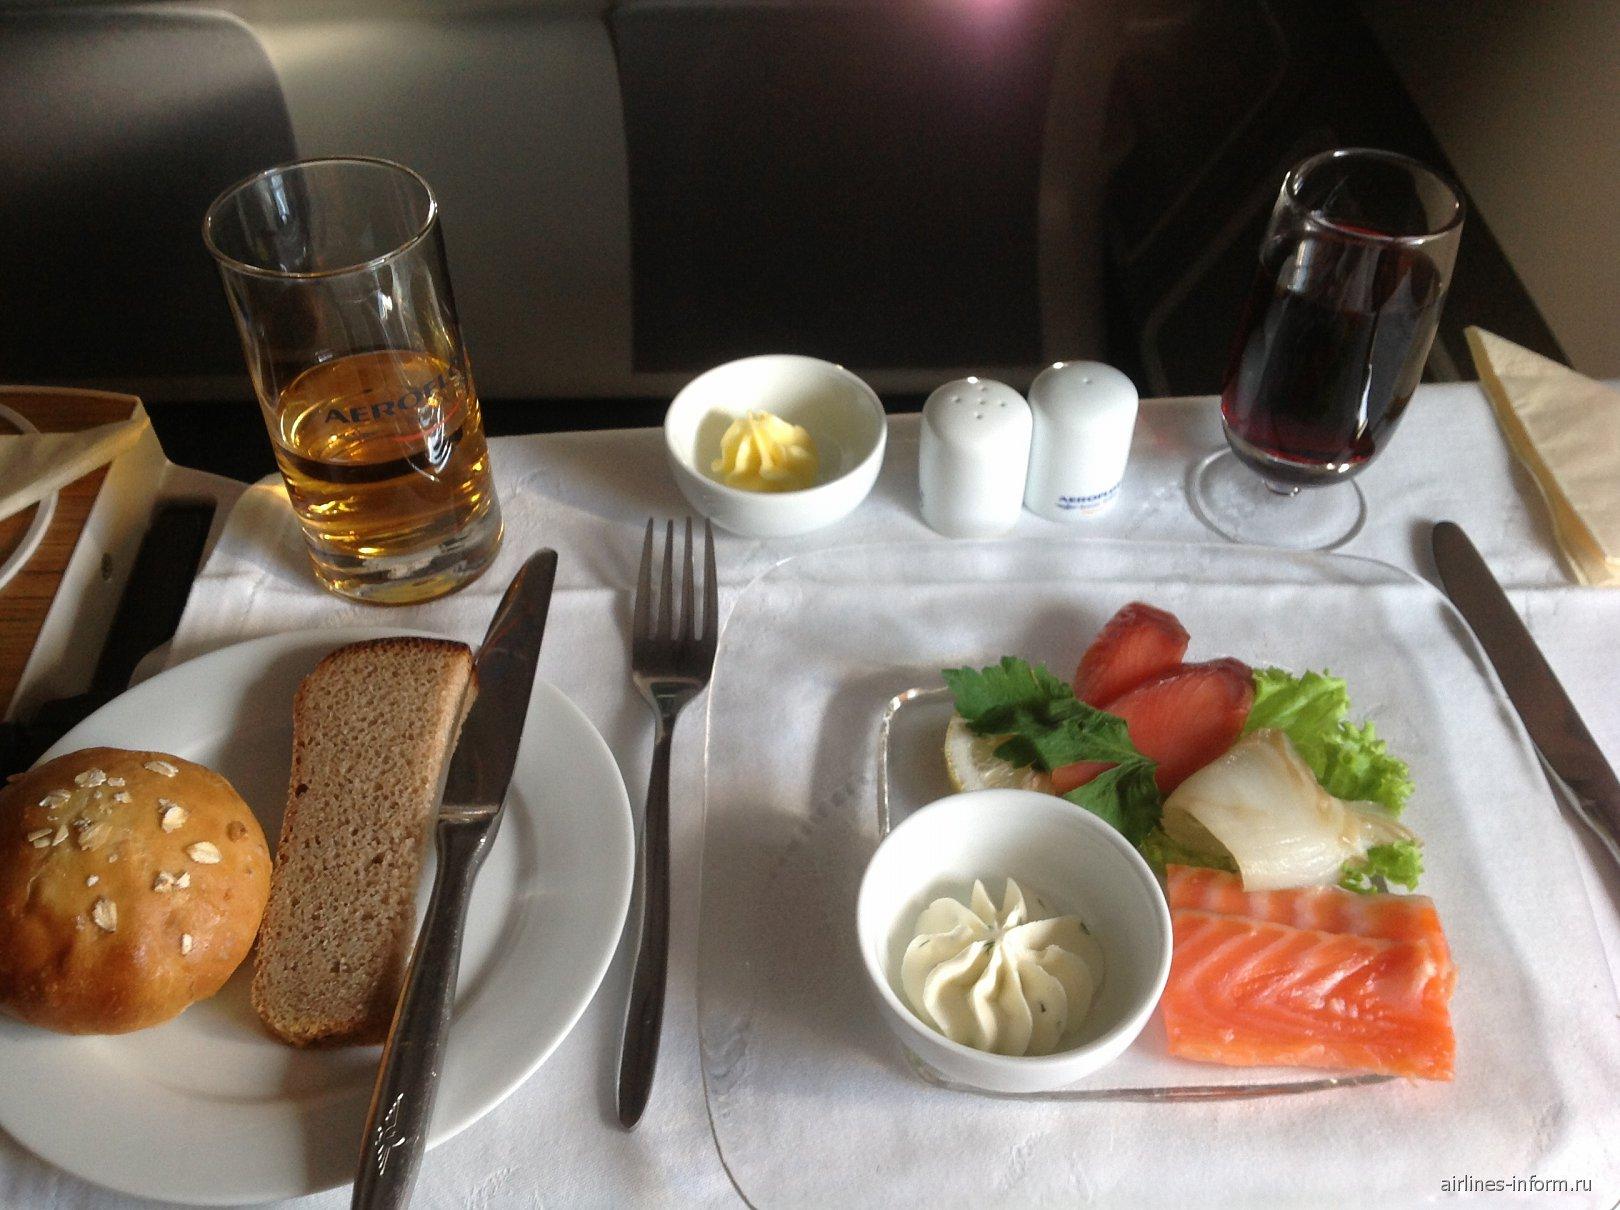 Холодные закуски в бизнес-классе на рейсе Аэрофлота Хабаровск-Москва